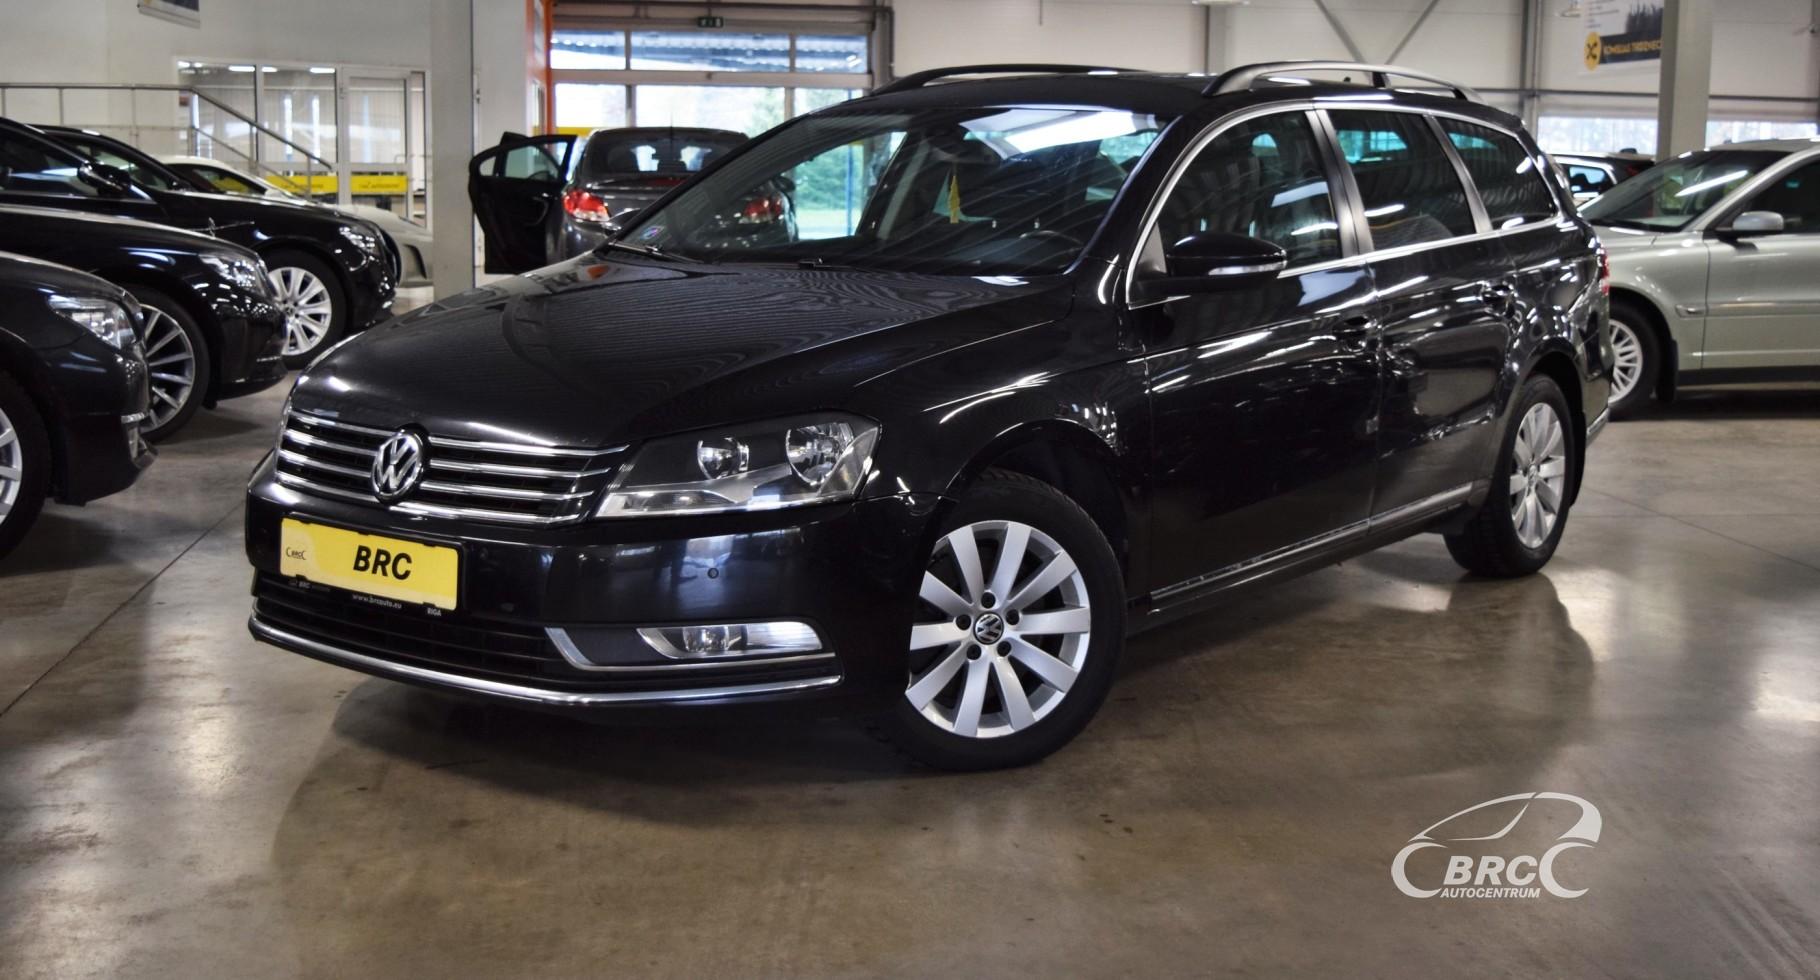 Volkswagen Passat TDI Bluemotion